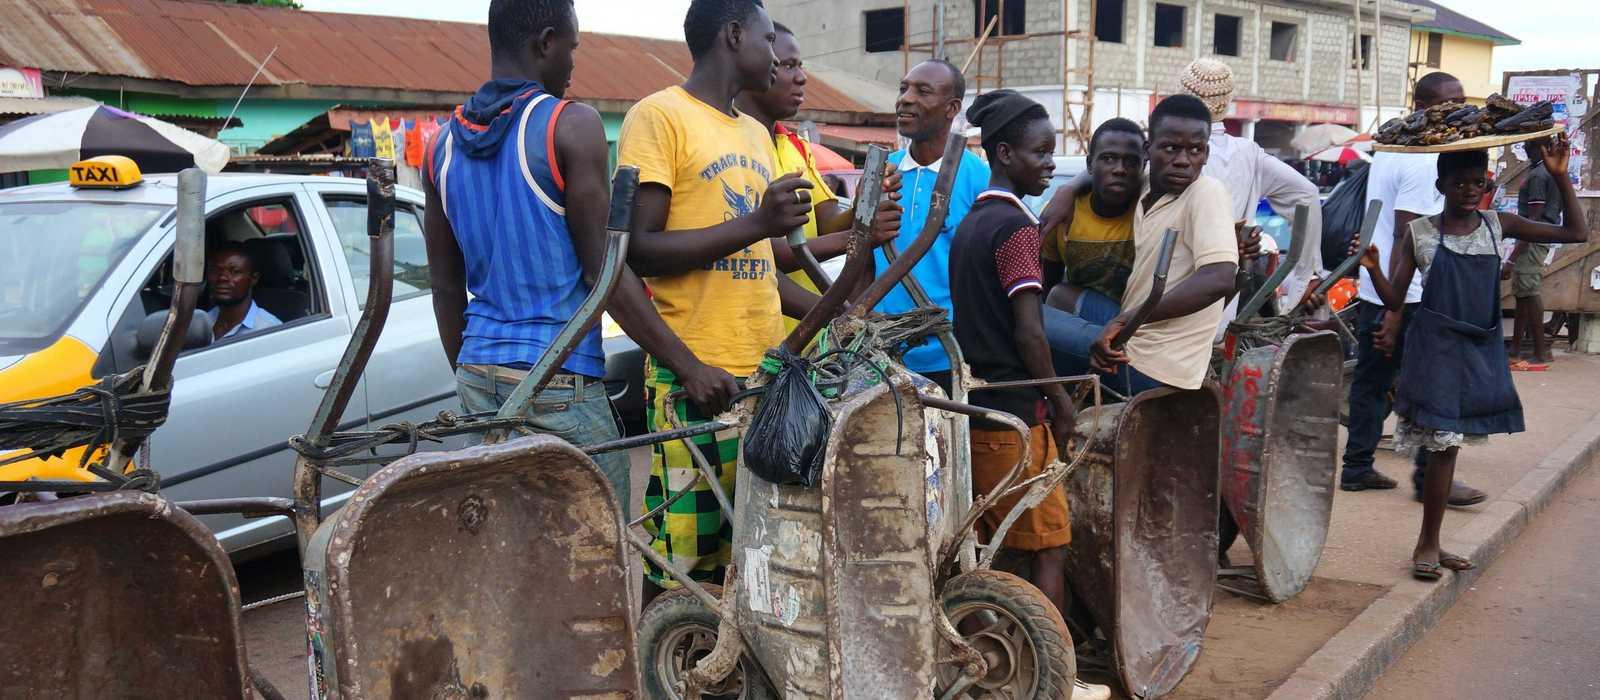 Jugendliche warten am Straßenrand mit Schubkarren